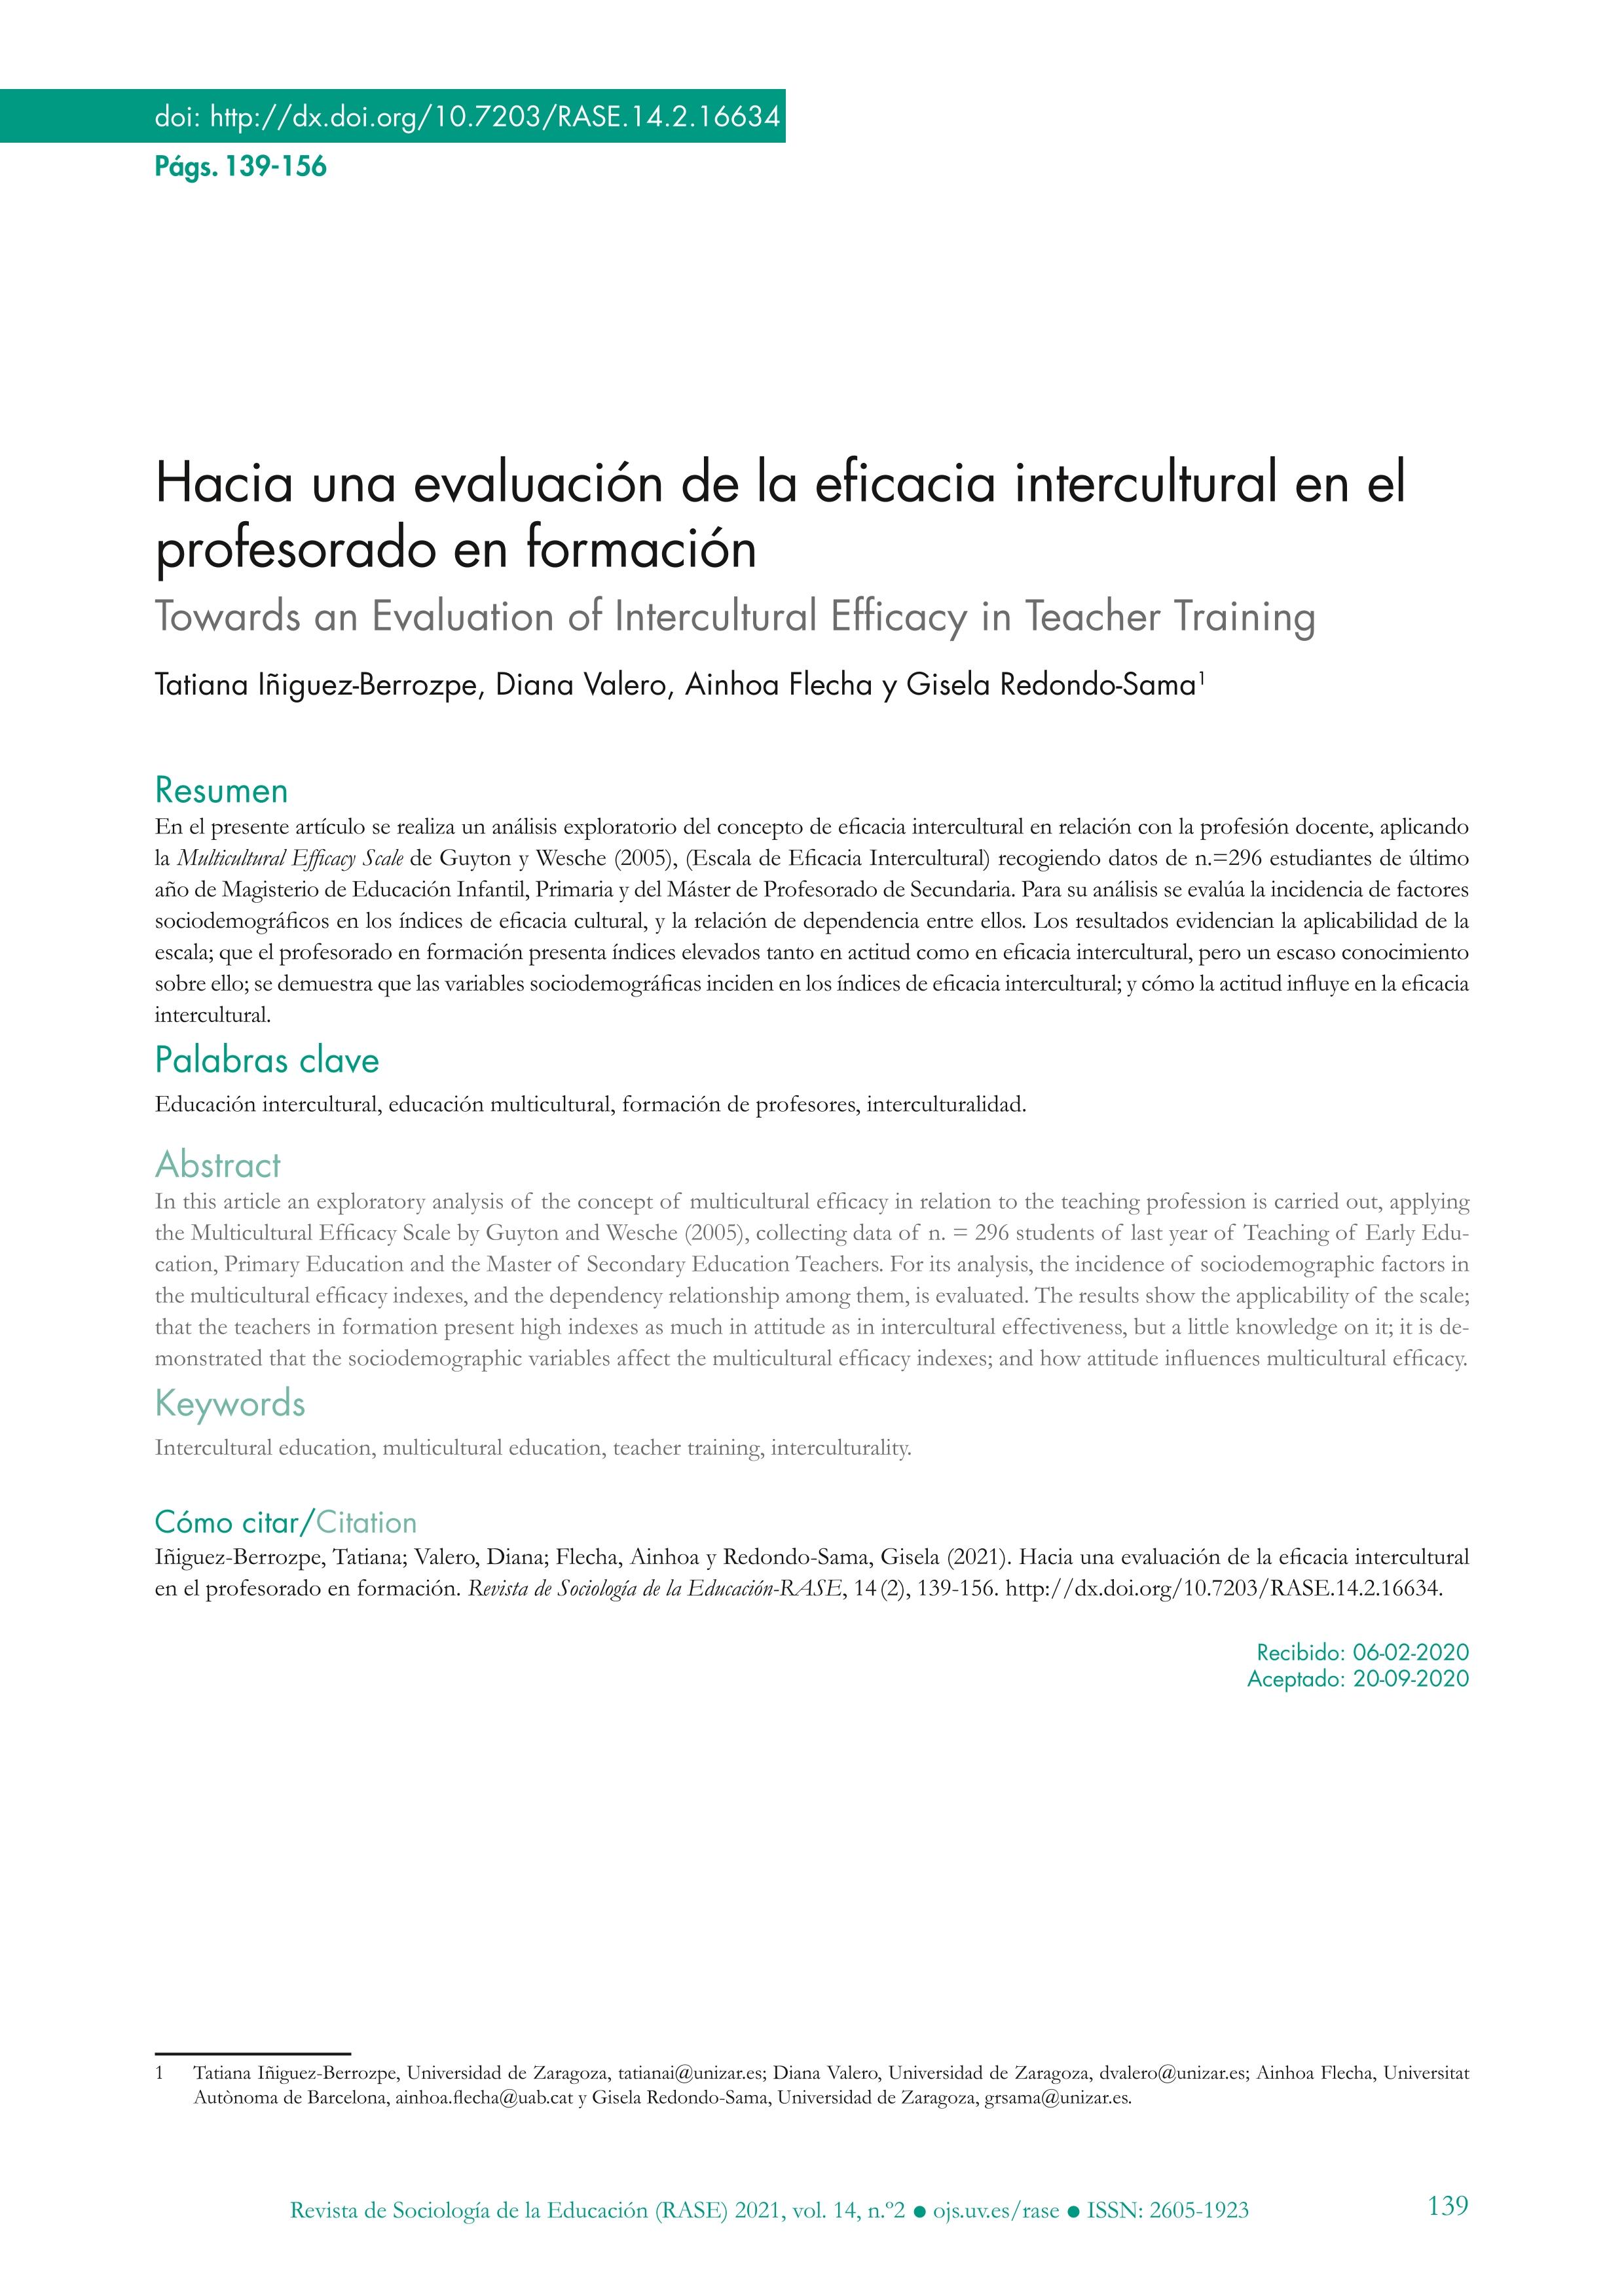 Hacia una evaluación de la eficacia intercultural en el profesorado en formación